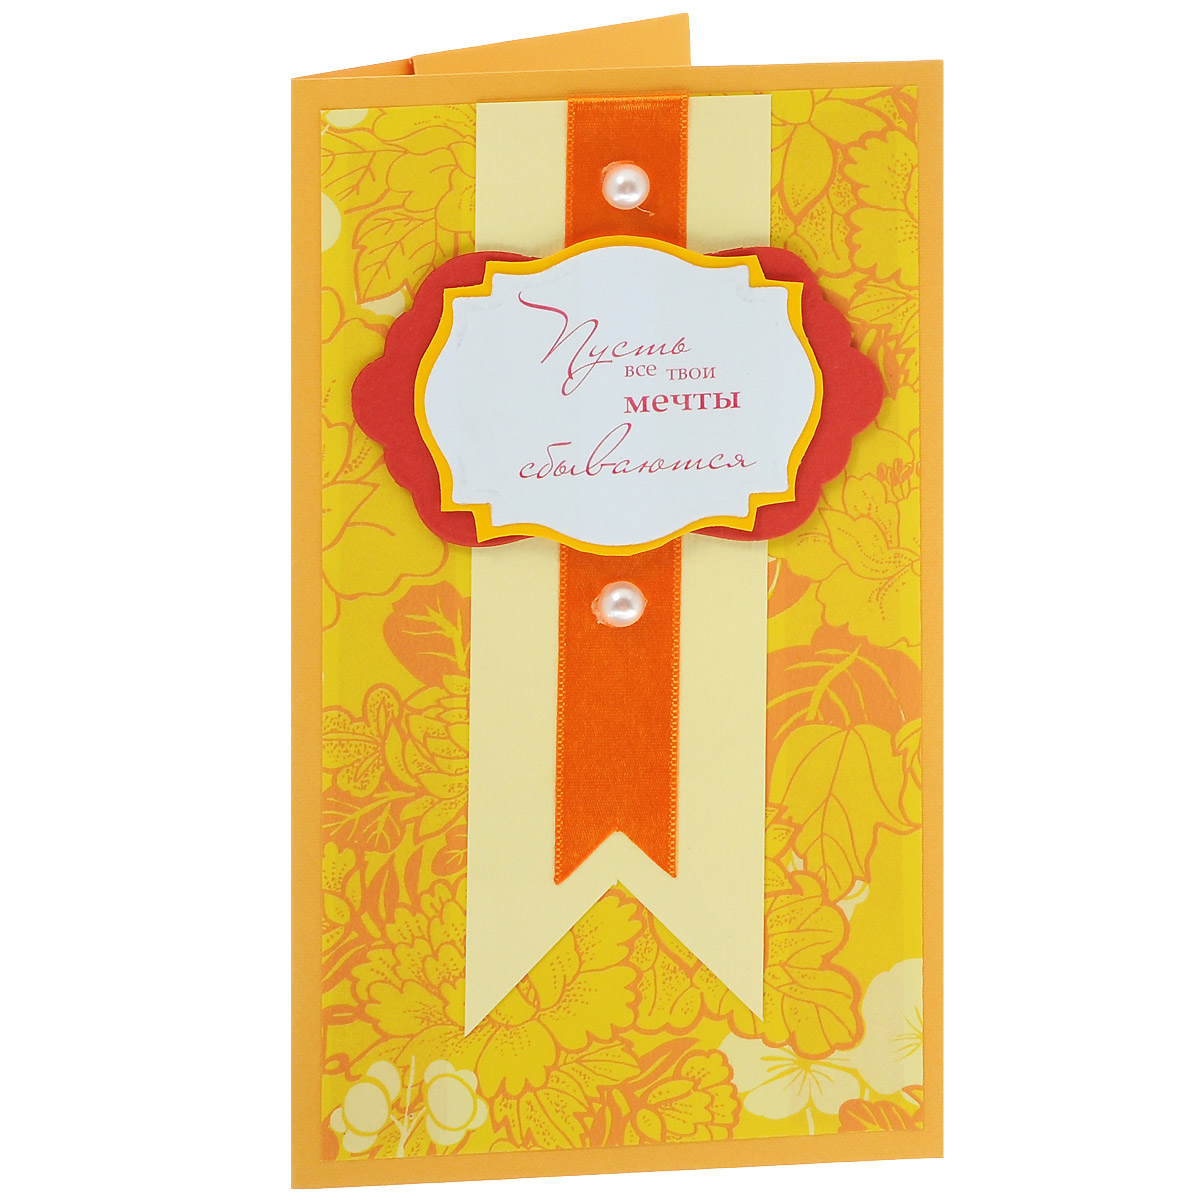 ОЖ-0007 Открытка-конверт «Пусть все твои мечты сбываются» (желтая). Студия «Тётя Роза» открытка конверт с новым годом студия тётя роза онг 0008